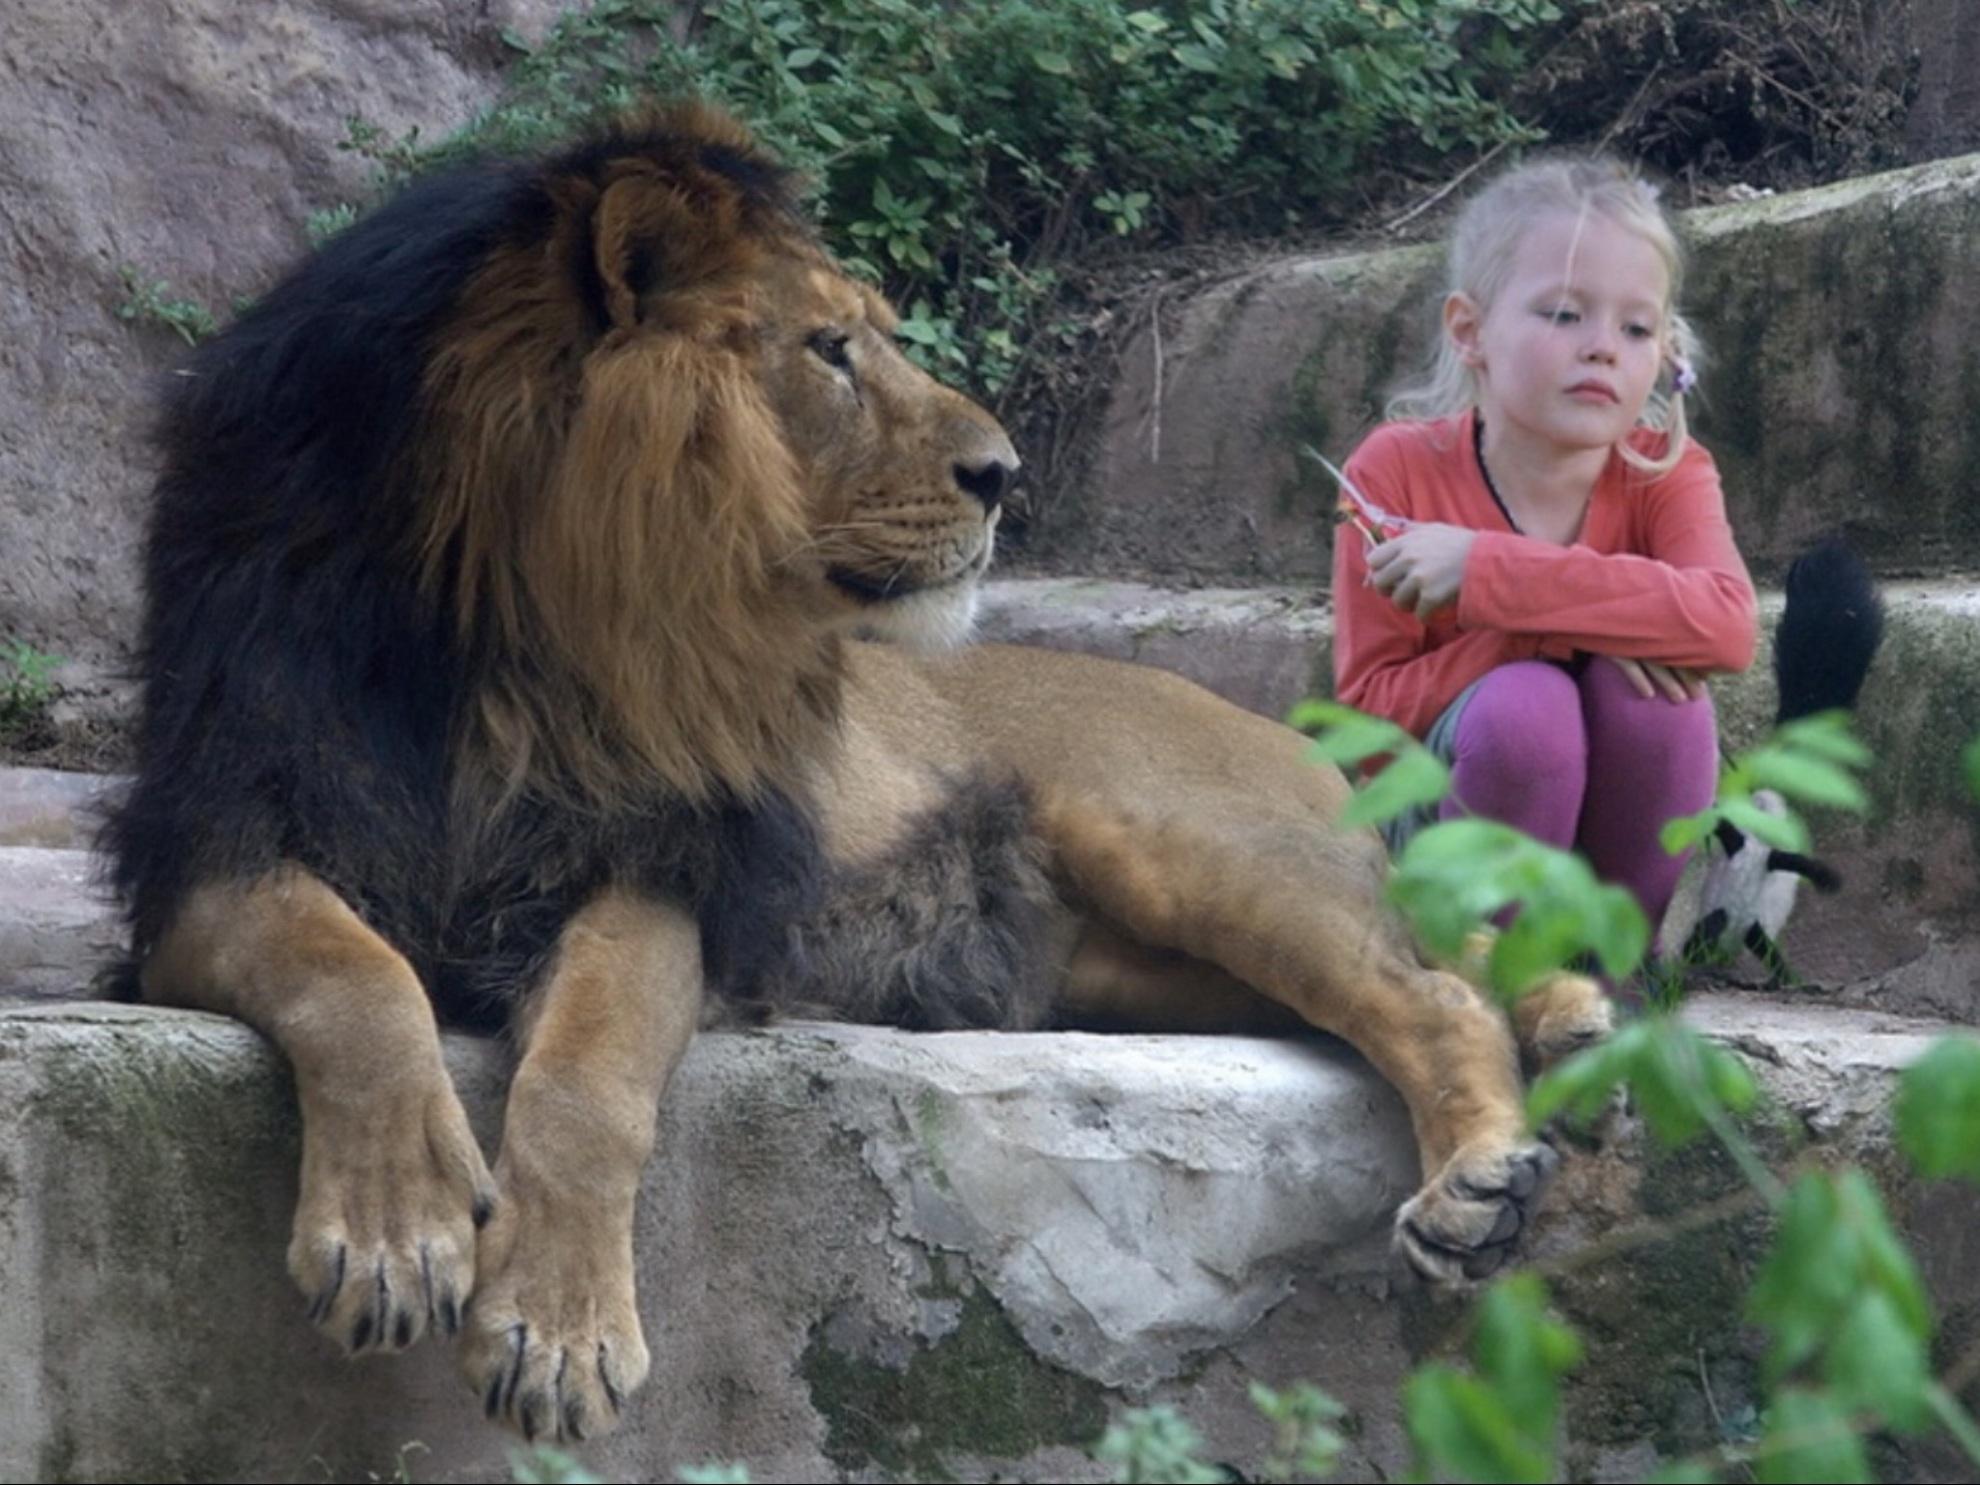 Открытки с животными с надписями со смыслом, картинки для детей